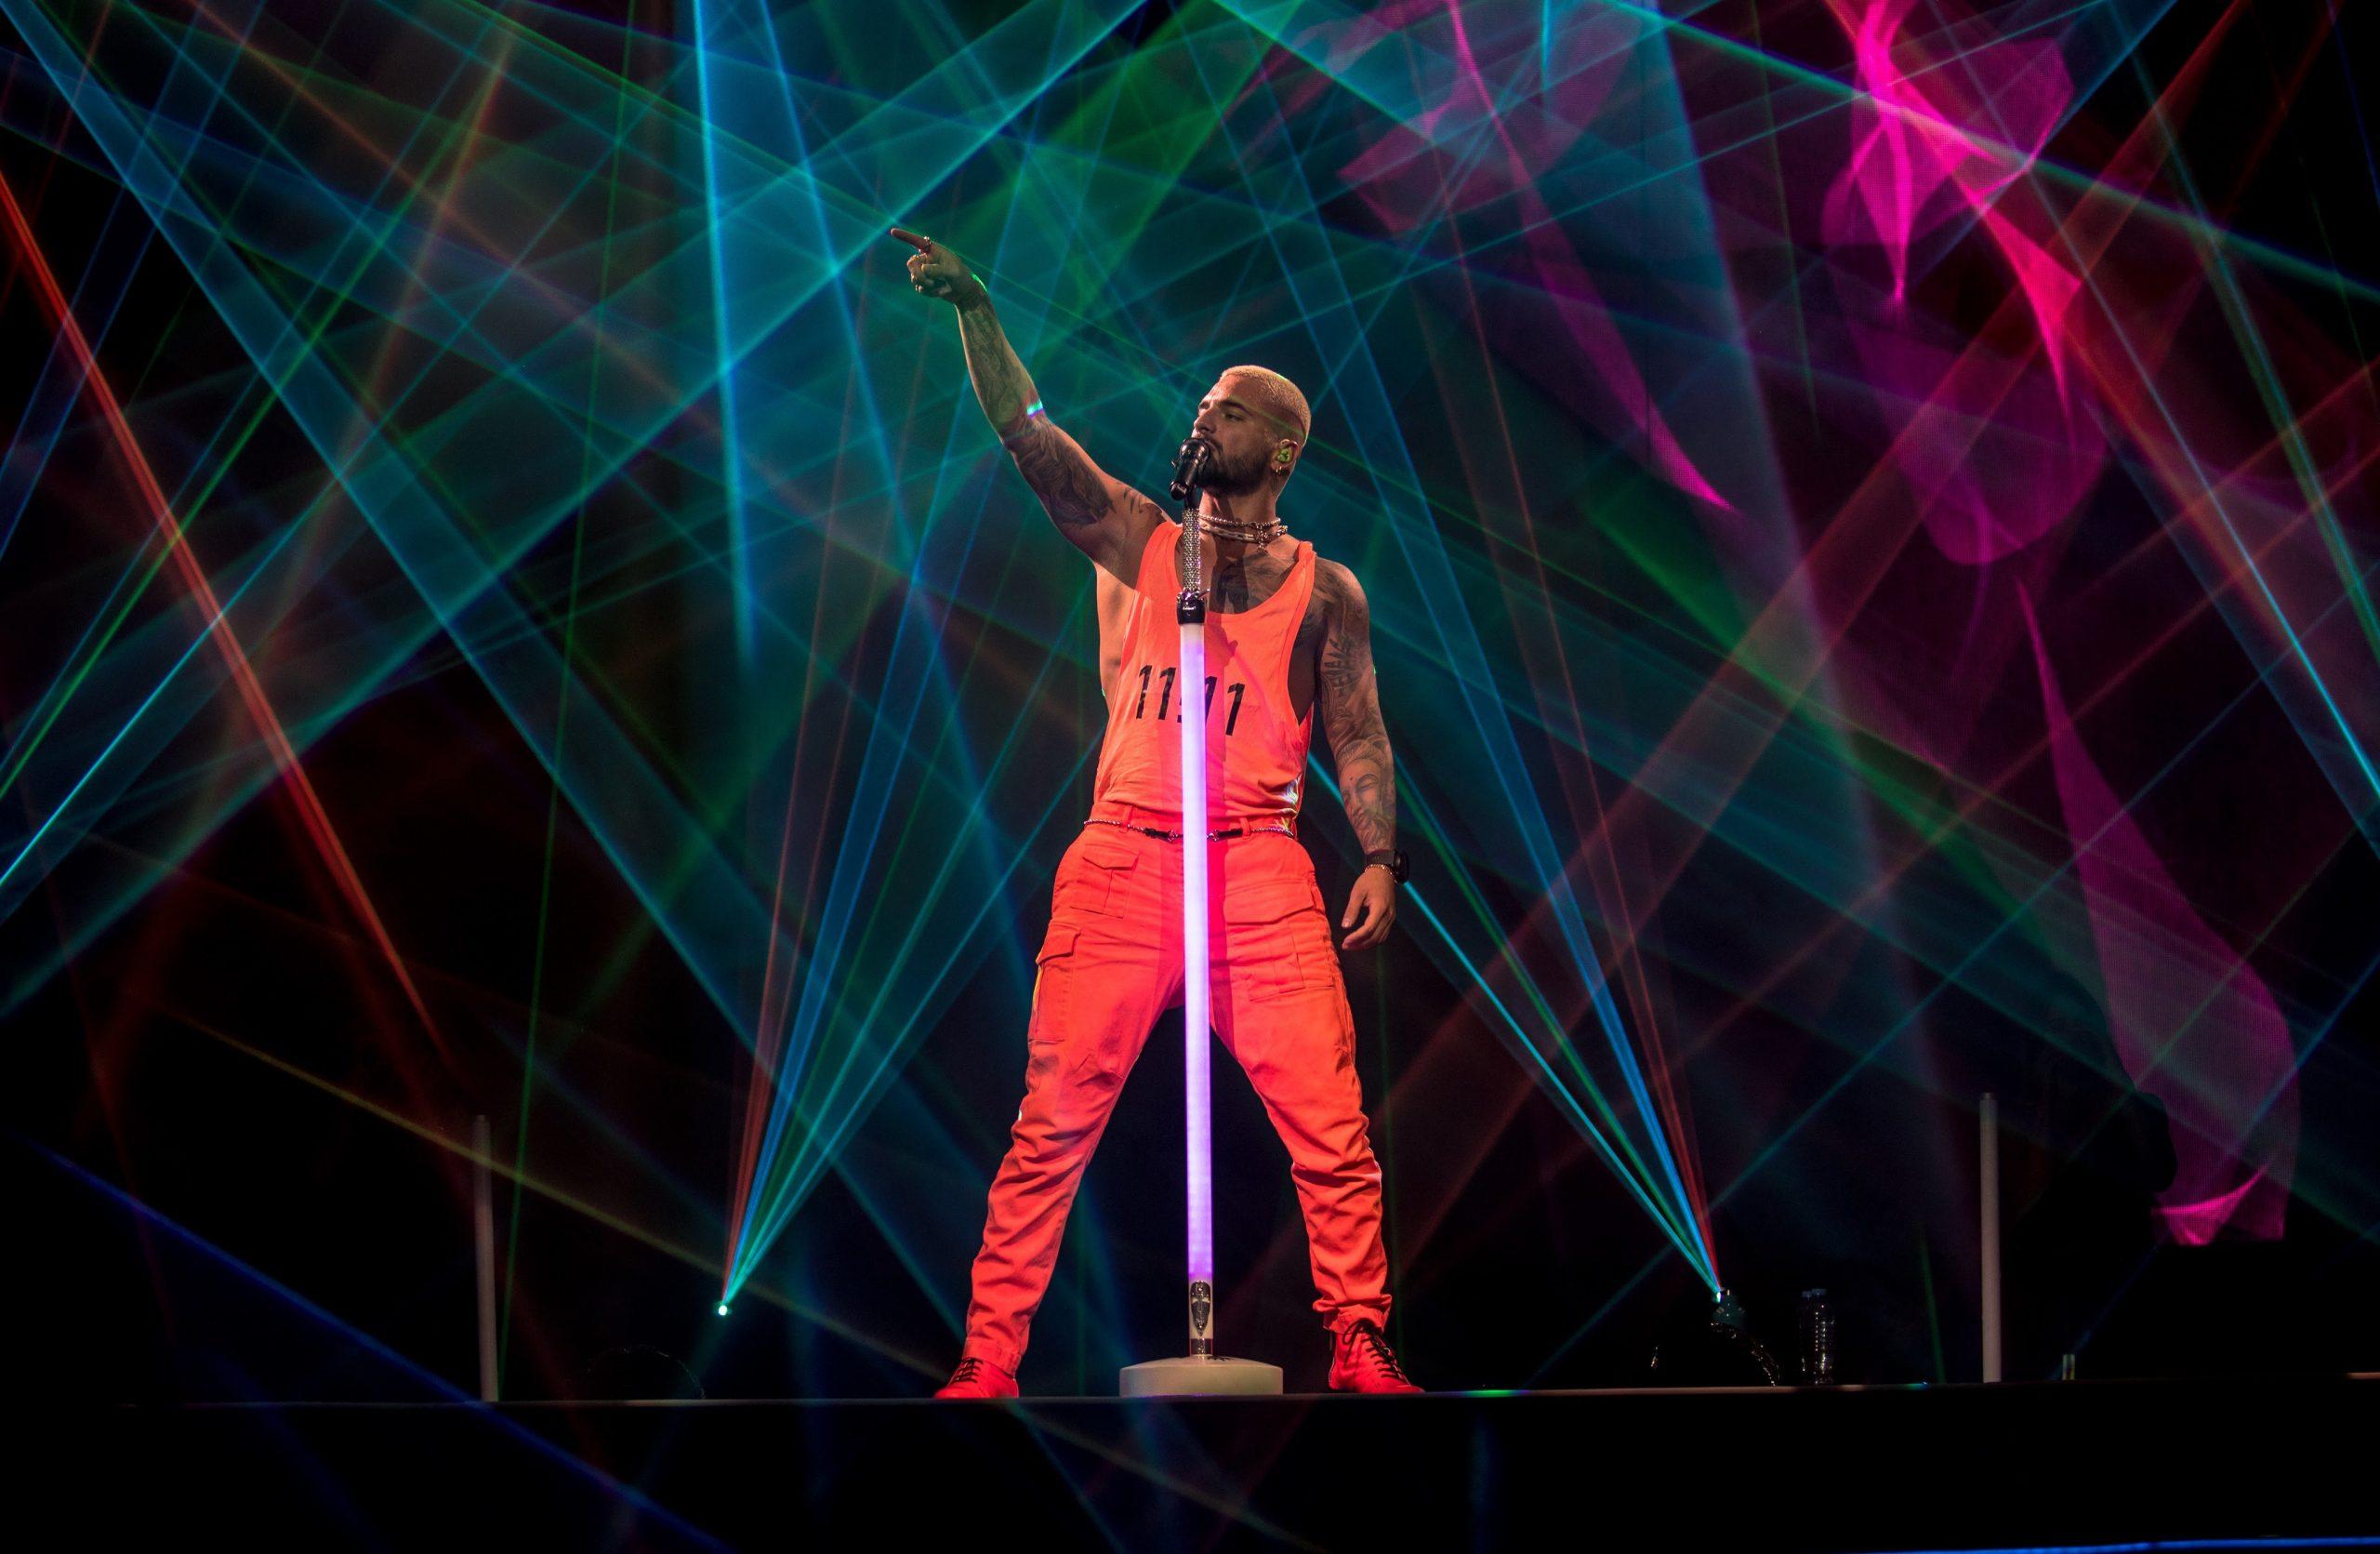 Πότε θα γίνουν τελικά οι συναυλίες του Maluma στην Ελλάδα;